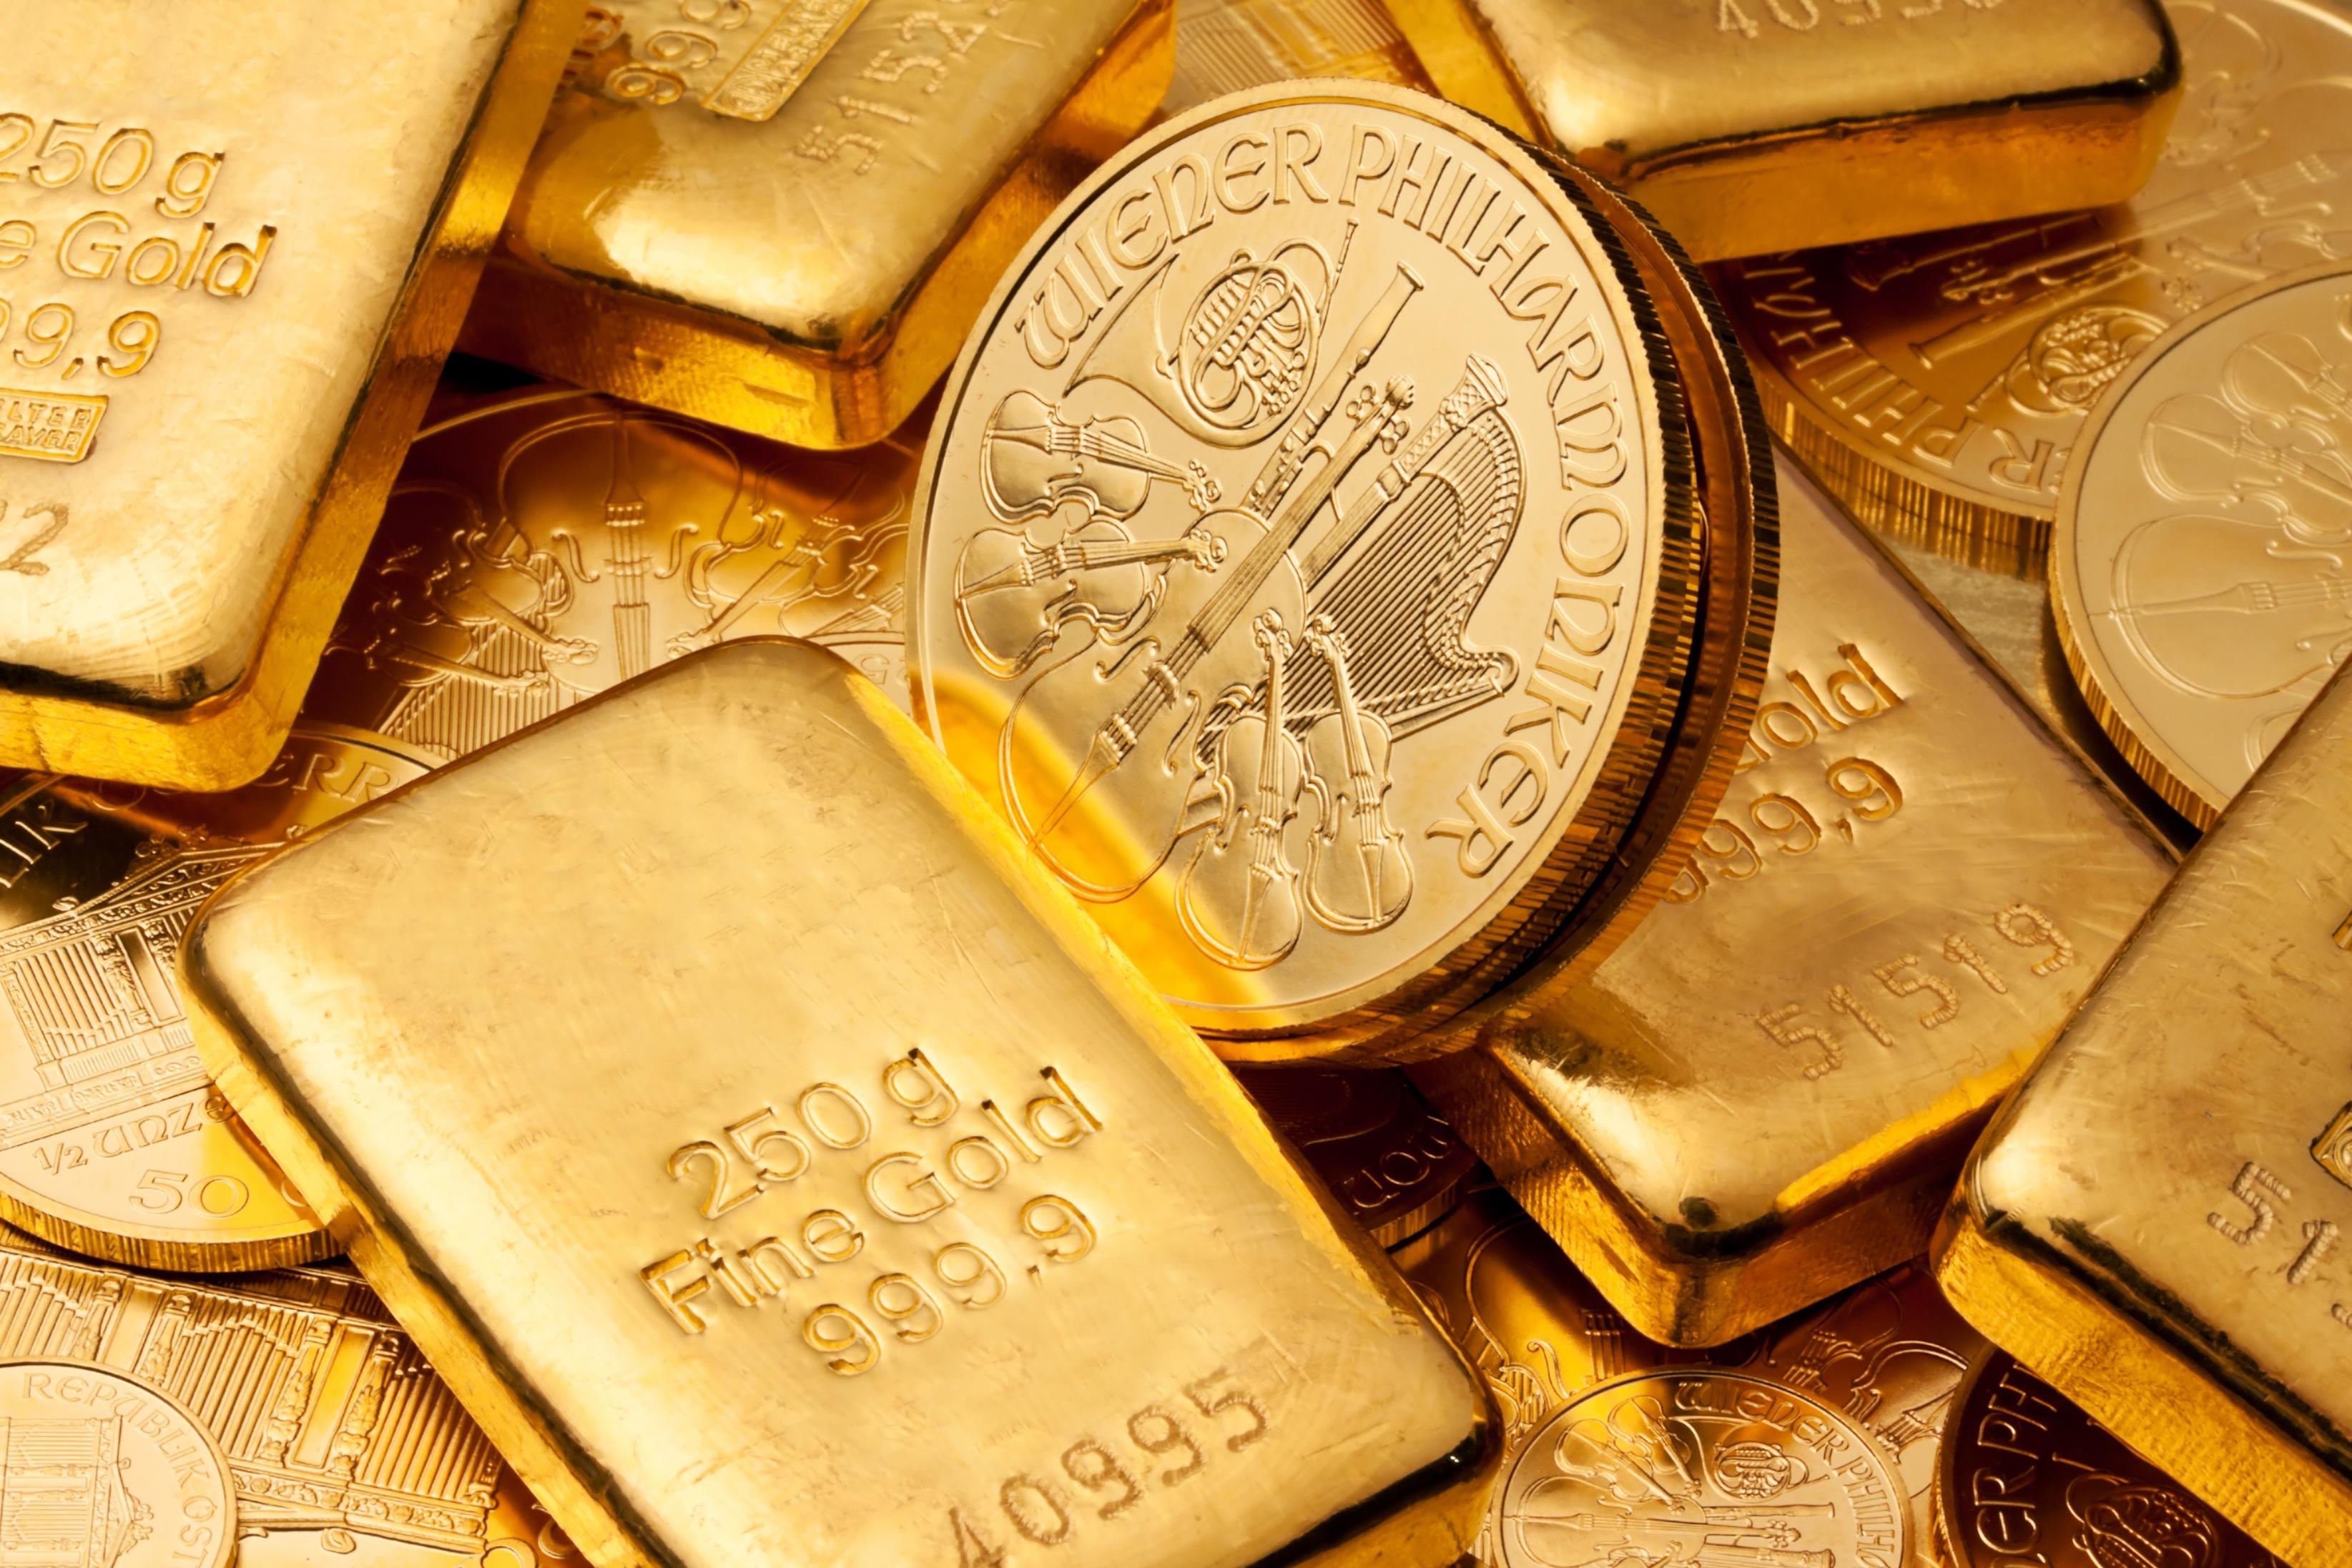 День библиотеки, картинка с золотом и деньгами